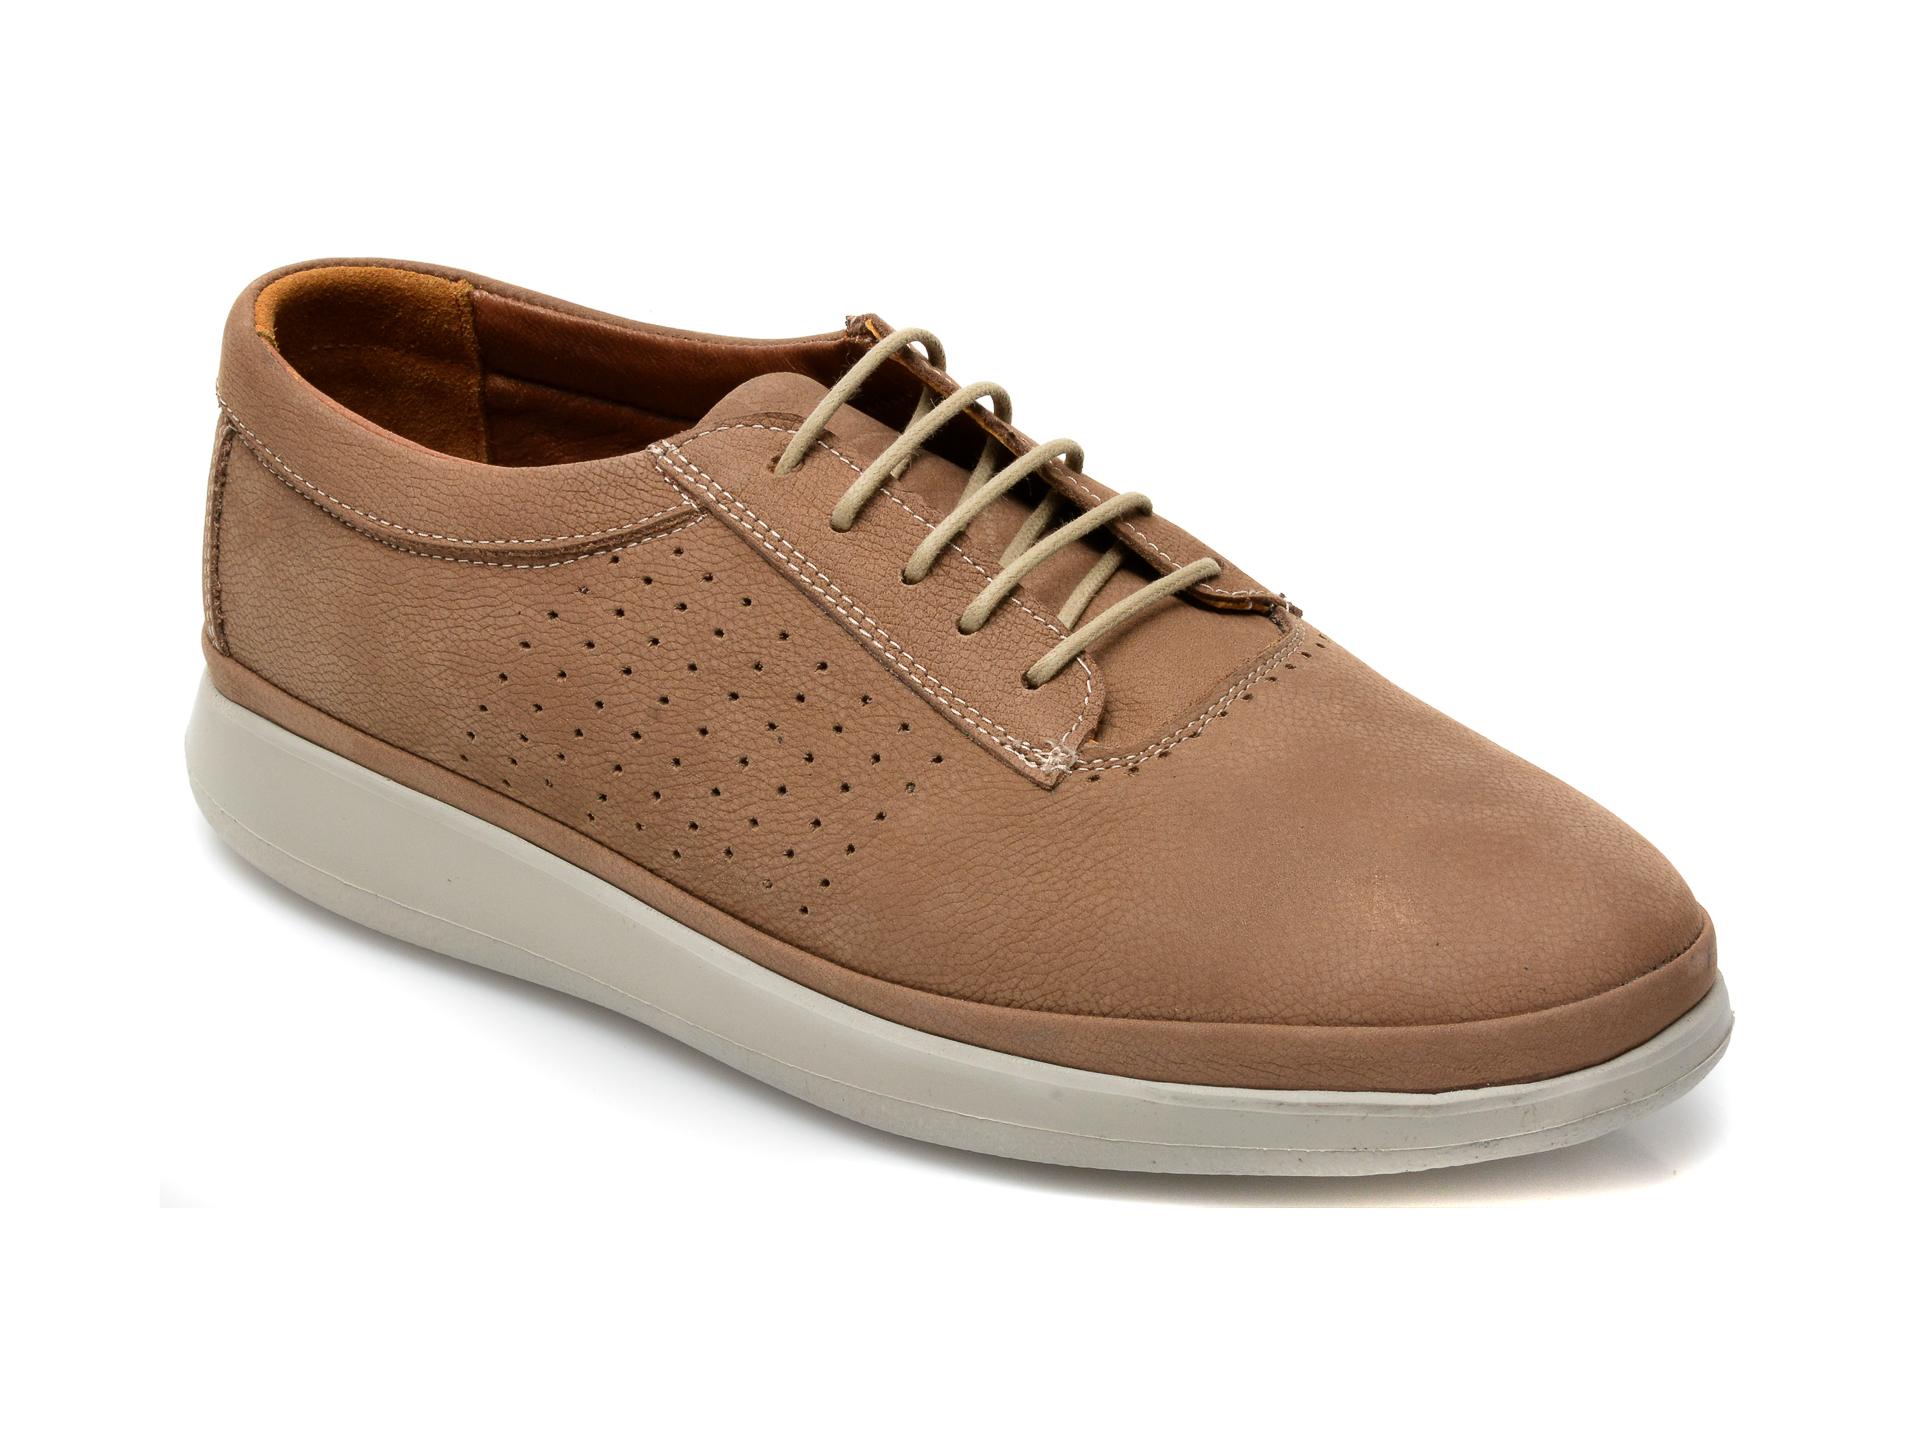 Pantofi OTTER maro, M6001, din nabuc imagine otter.ro 2021